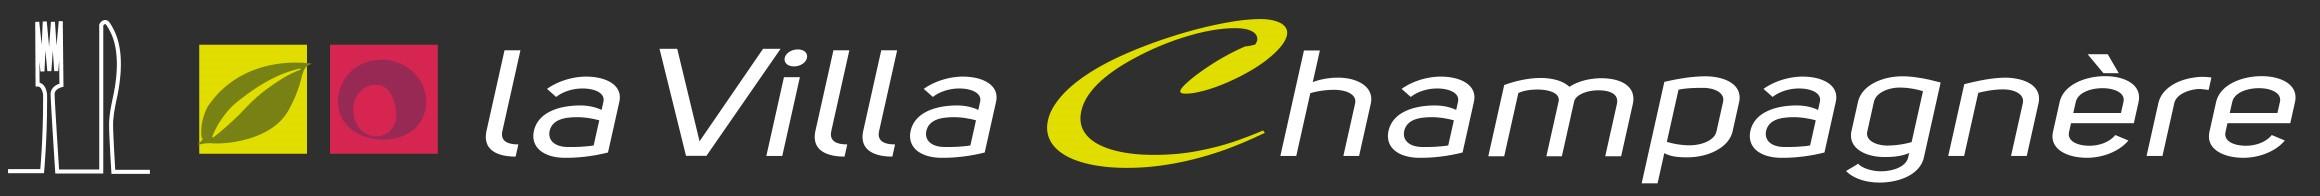 la-villa-champagnere-logo